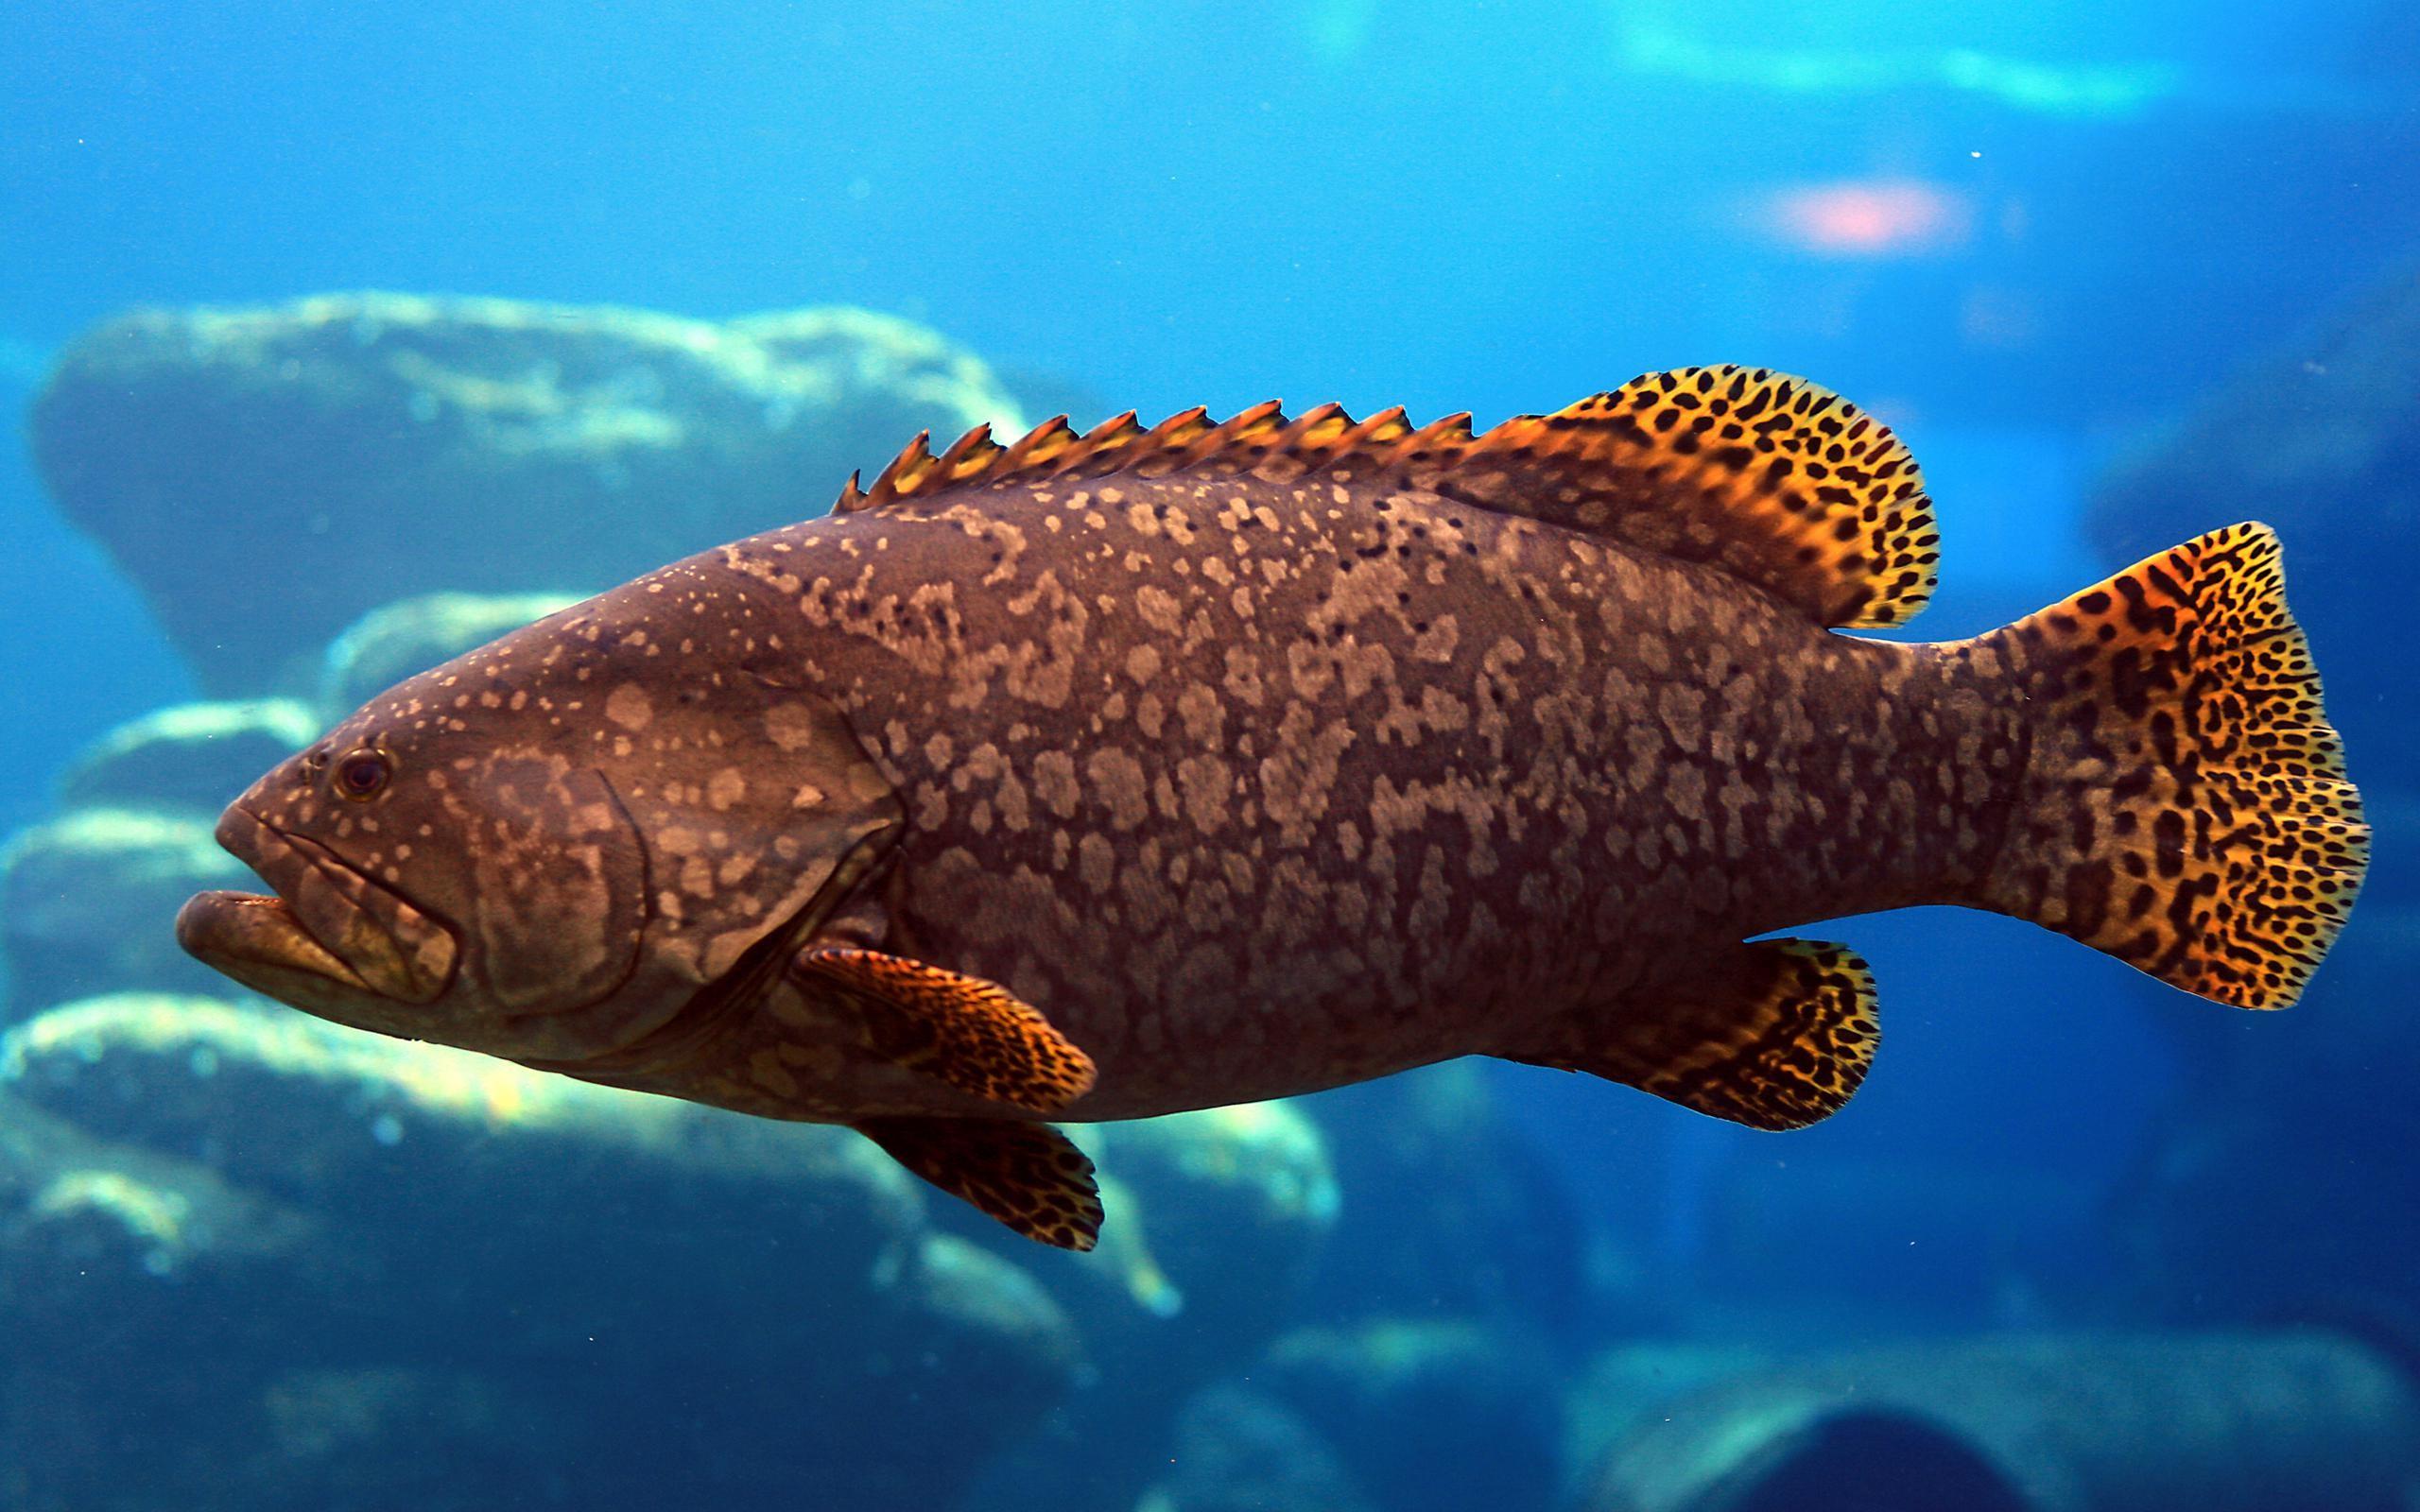 Ocean-fish-wallpaper-HD-backgrounds-desktop